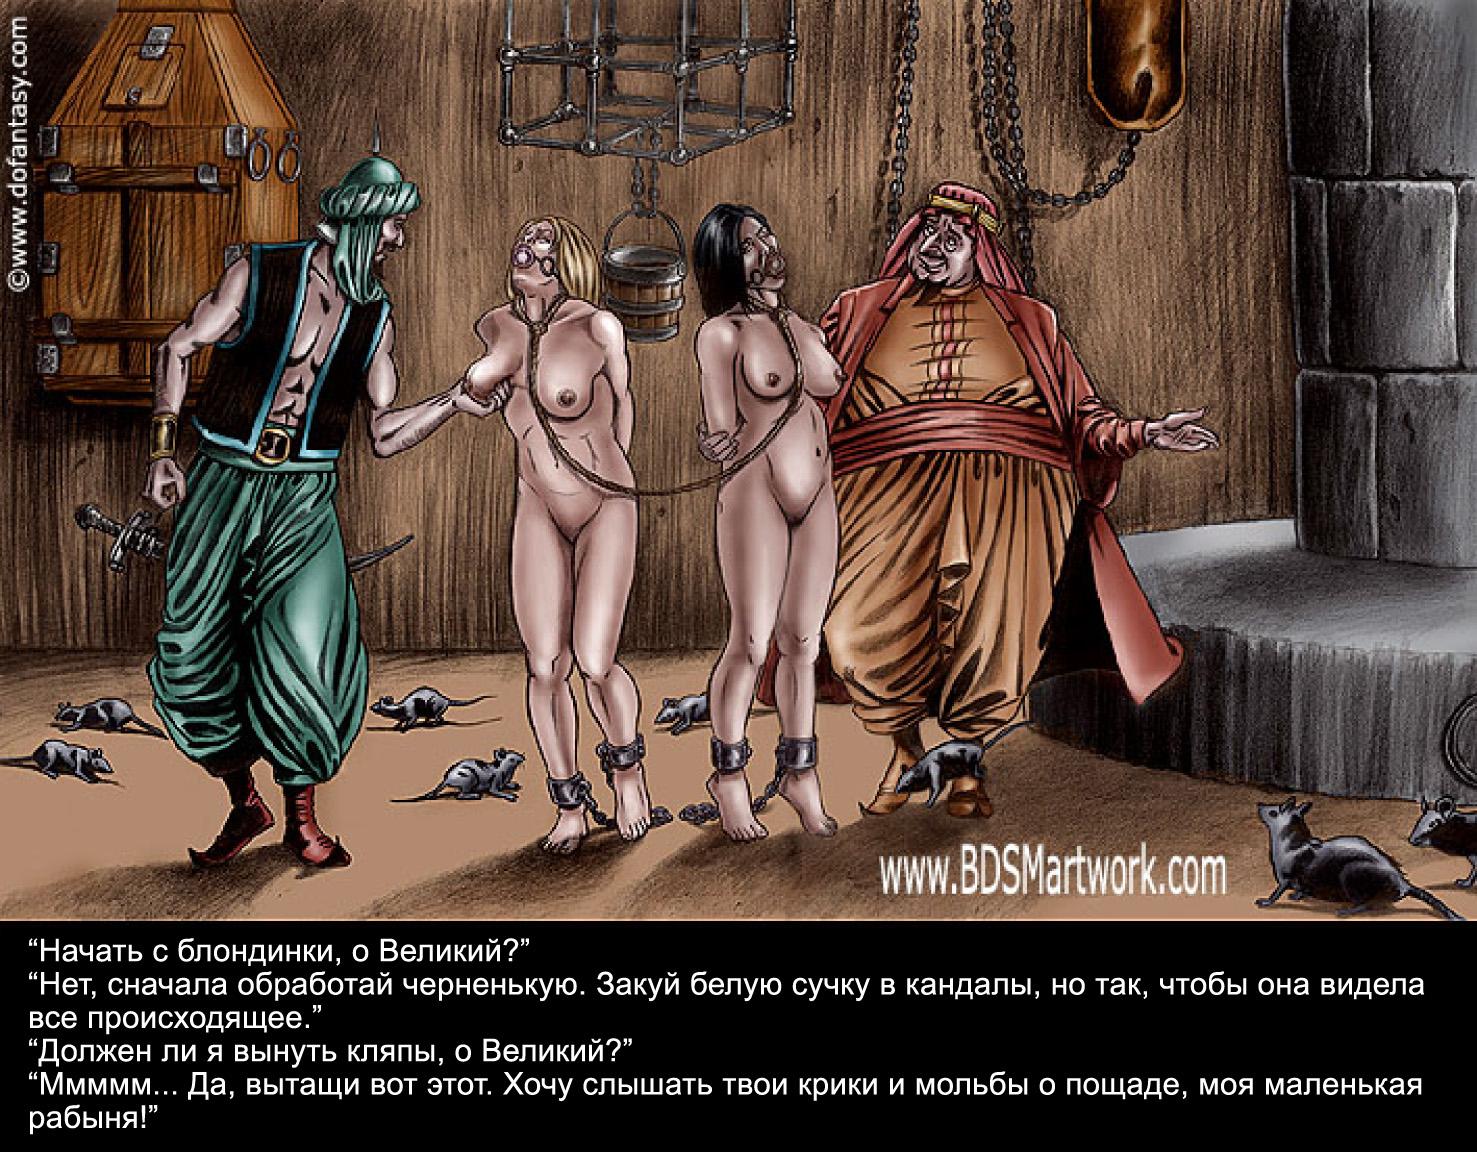 Есть секс рабы в контакте